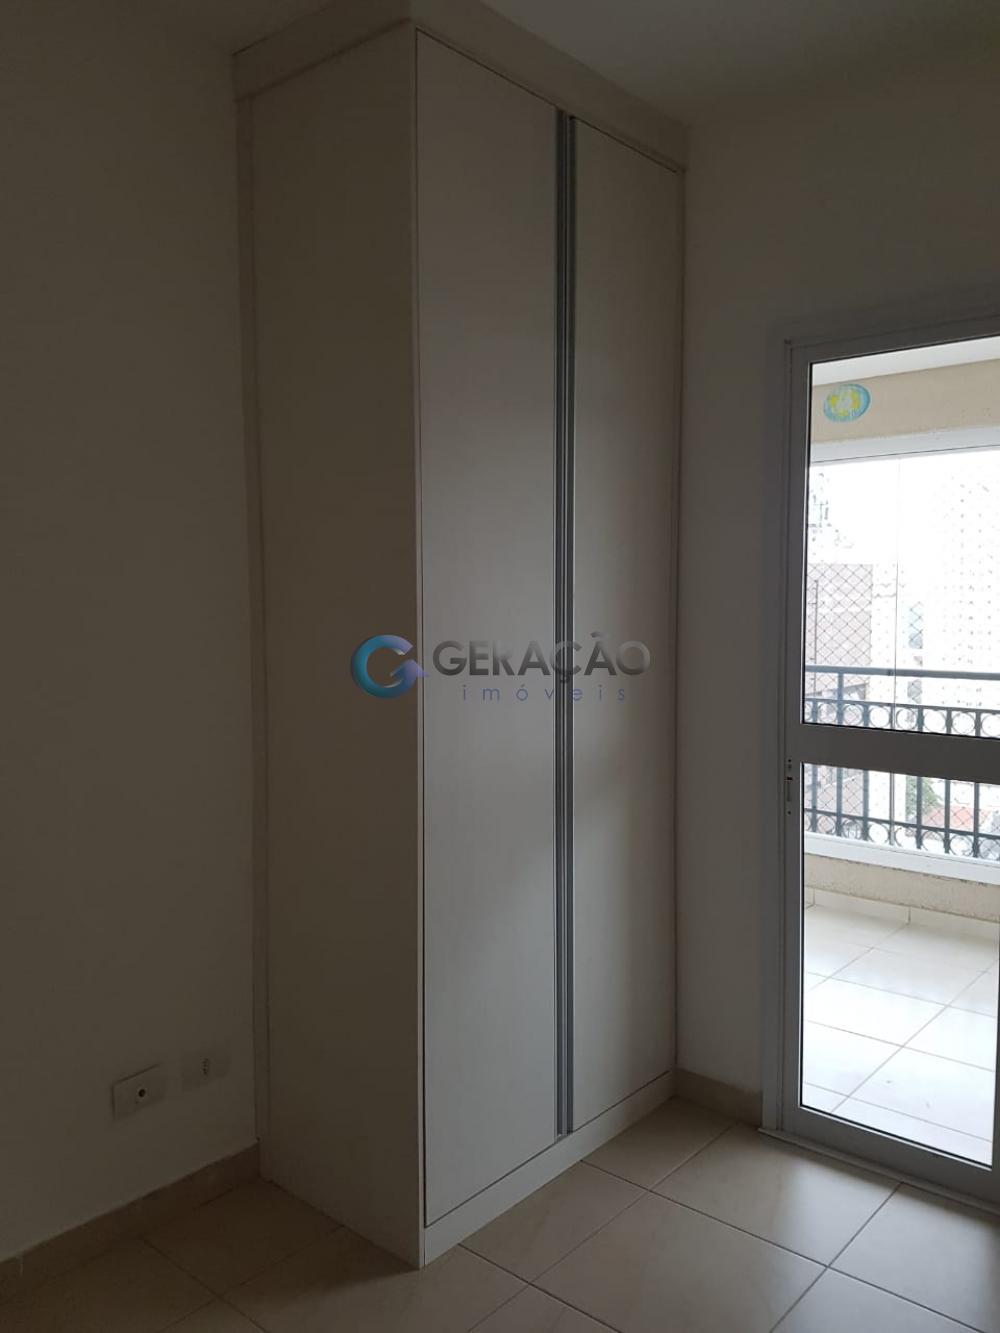 Comprar Apartamento / Padrão em São José dos Campos apenas R$ 430.000,00 - Foto 9